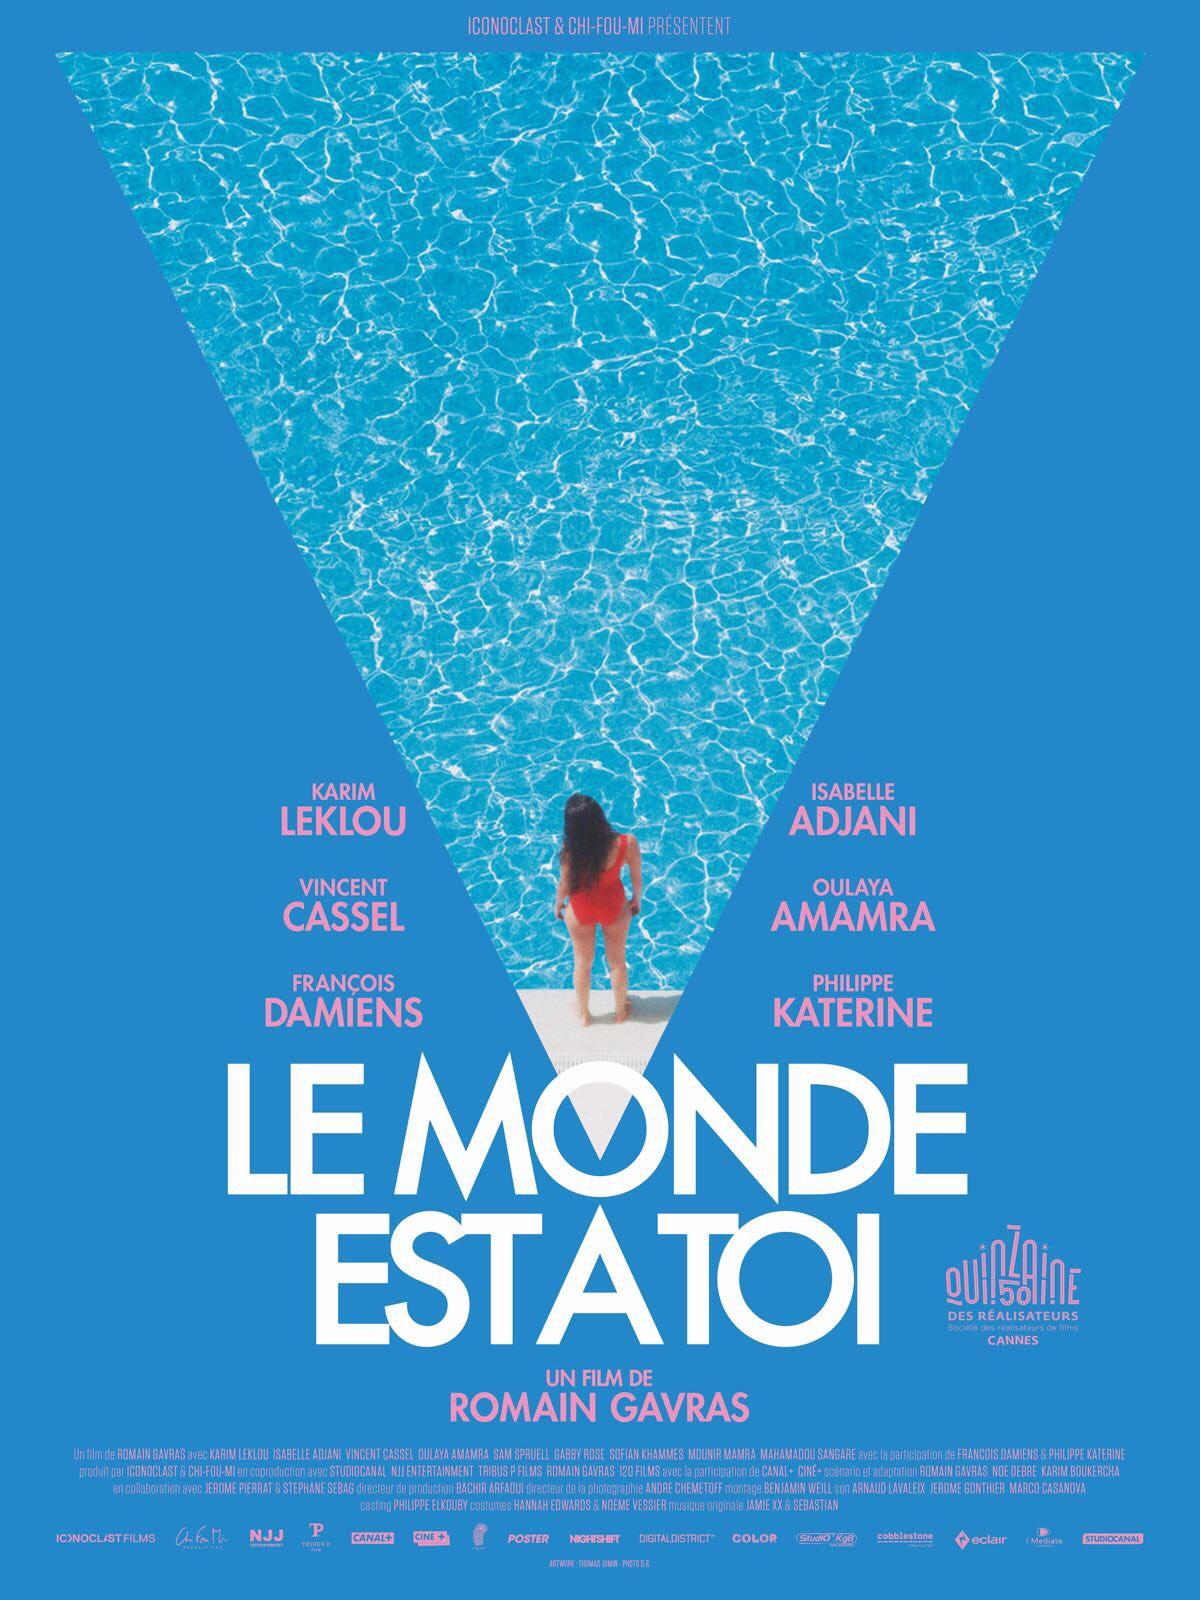 Le Monde est a Toi film cover